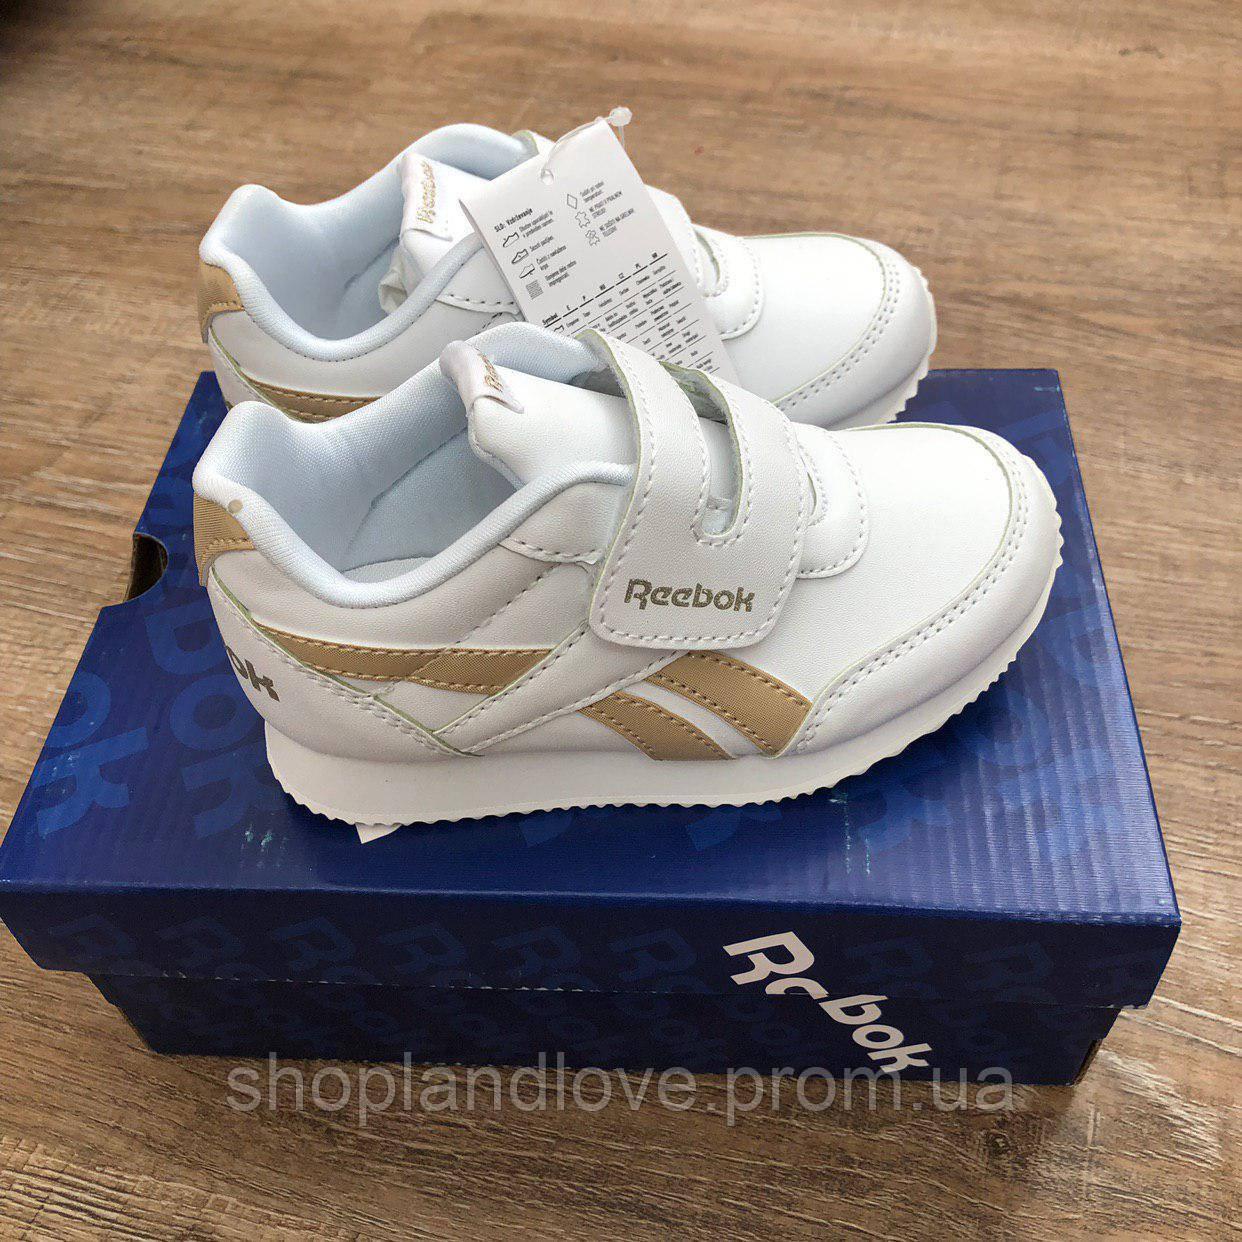 b530e5fd Кроссовки детские для девочек Reebok (белые), размер USA 8.5 - UK 8 ...